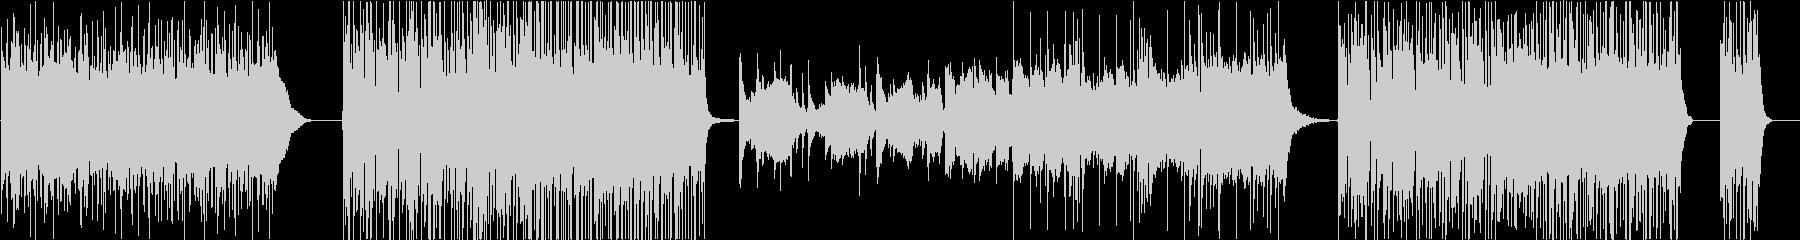 不協和音を使ったプログレ風ギターインストの未再生の波形